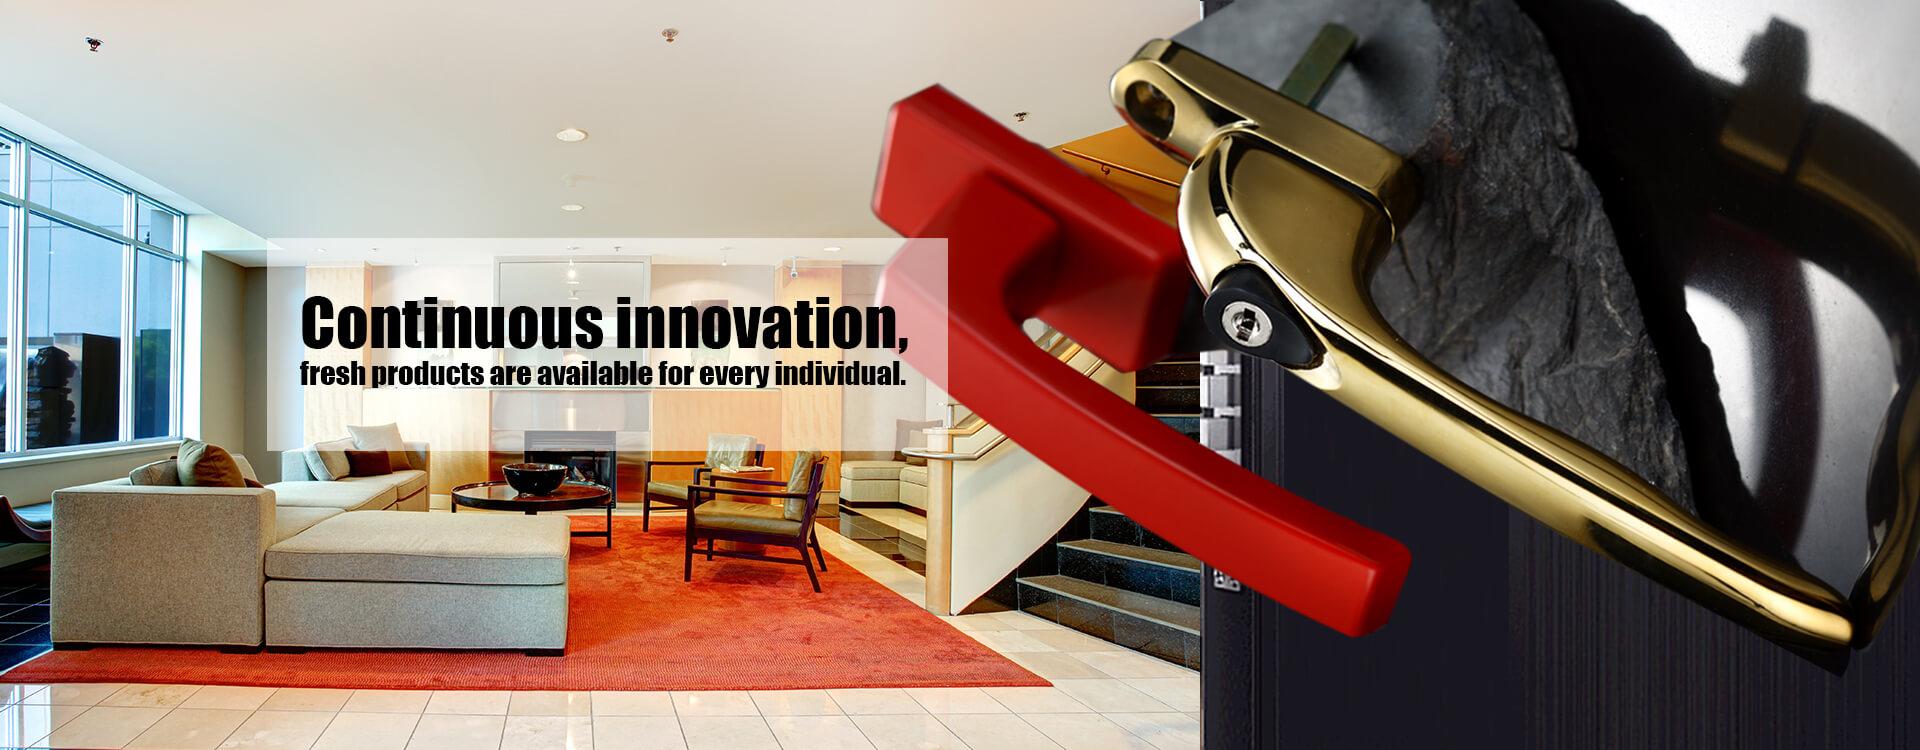 Innovation continue, les produits frais sont disponibles pour chaque individu